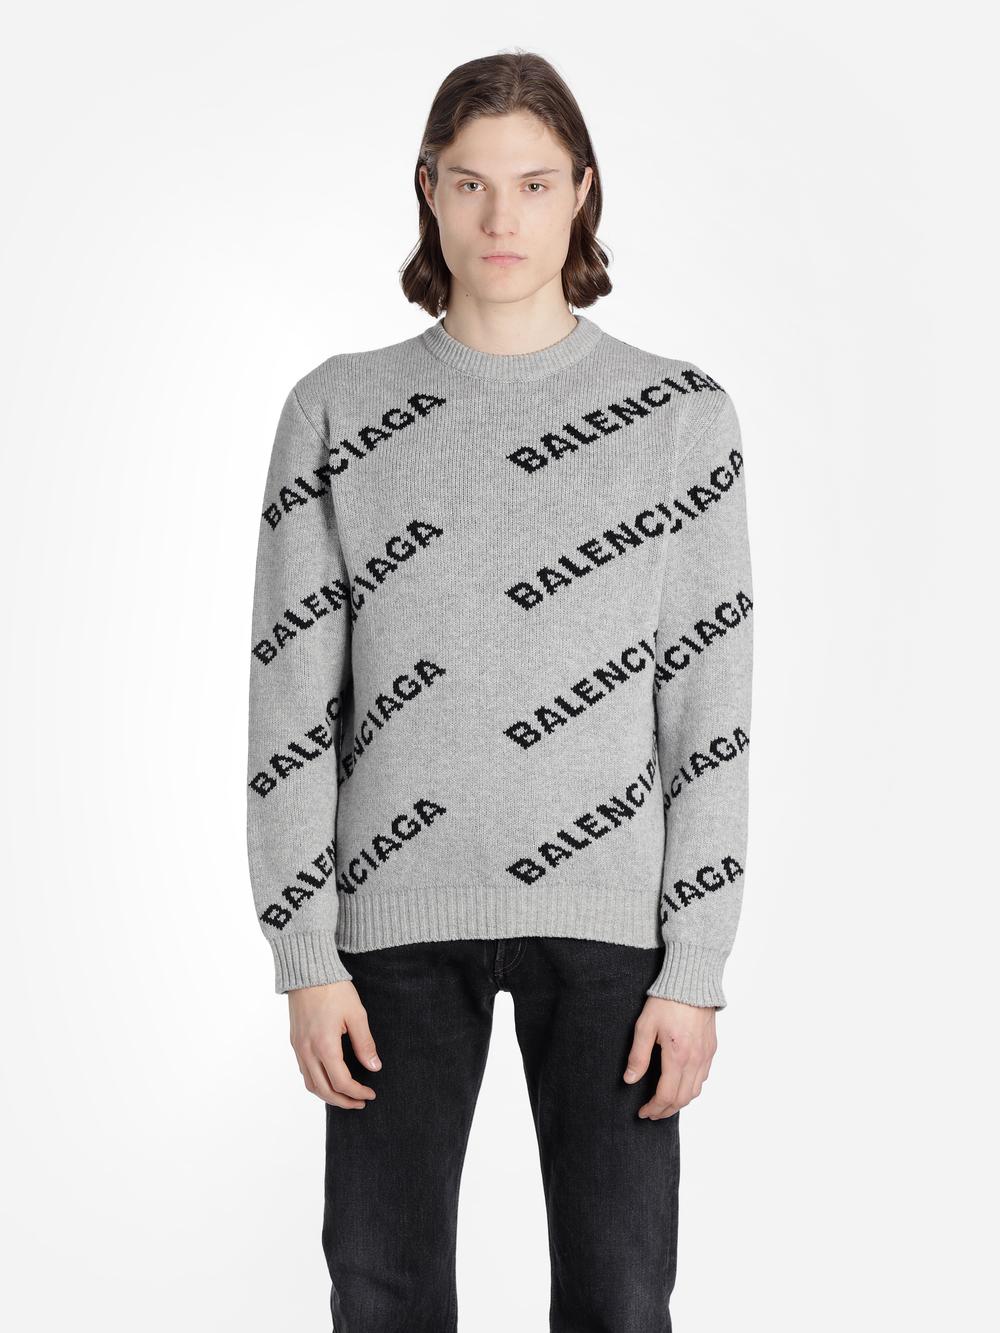 a54f88c56b8 Balenciaga Knitwear in Grey